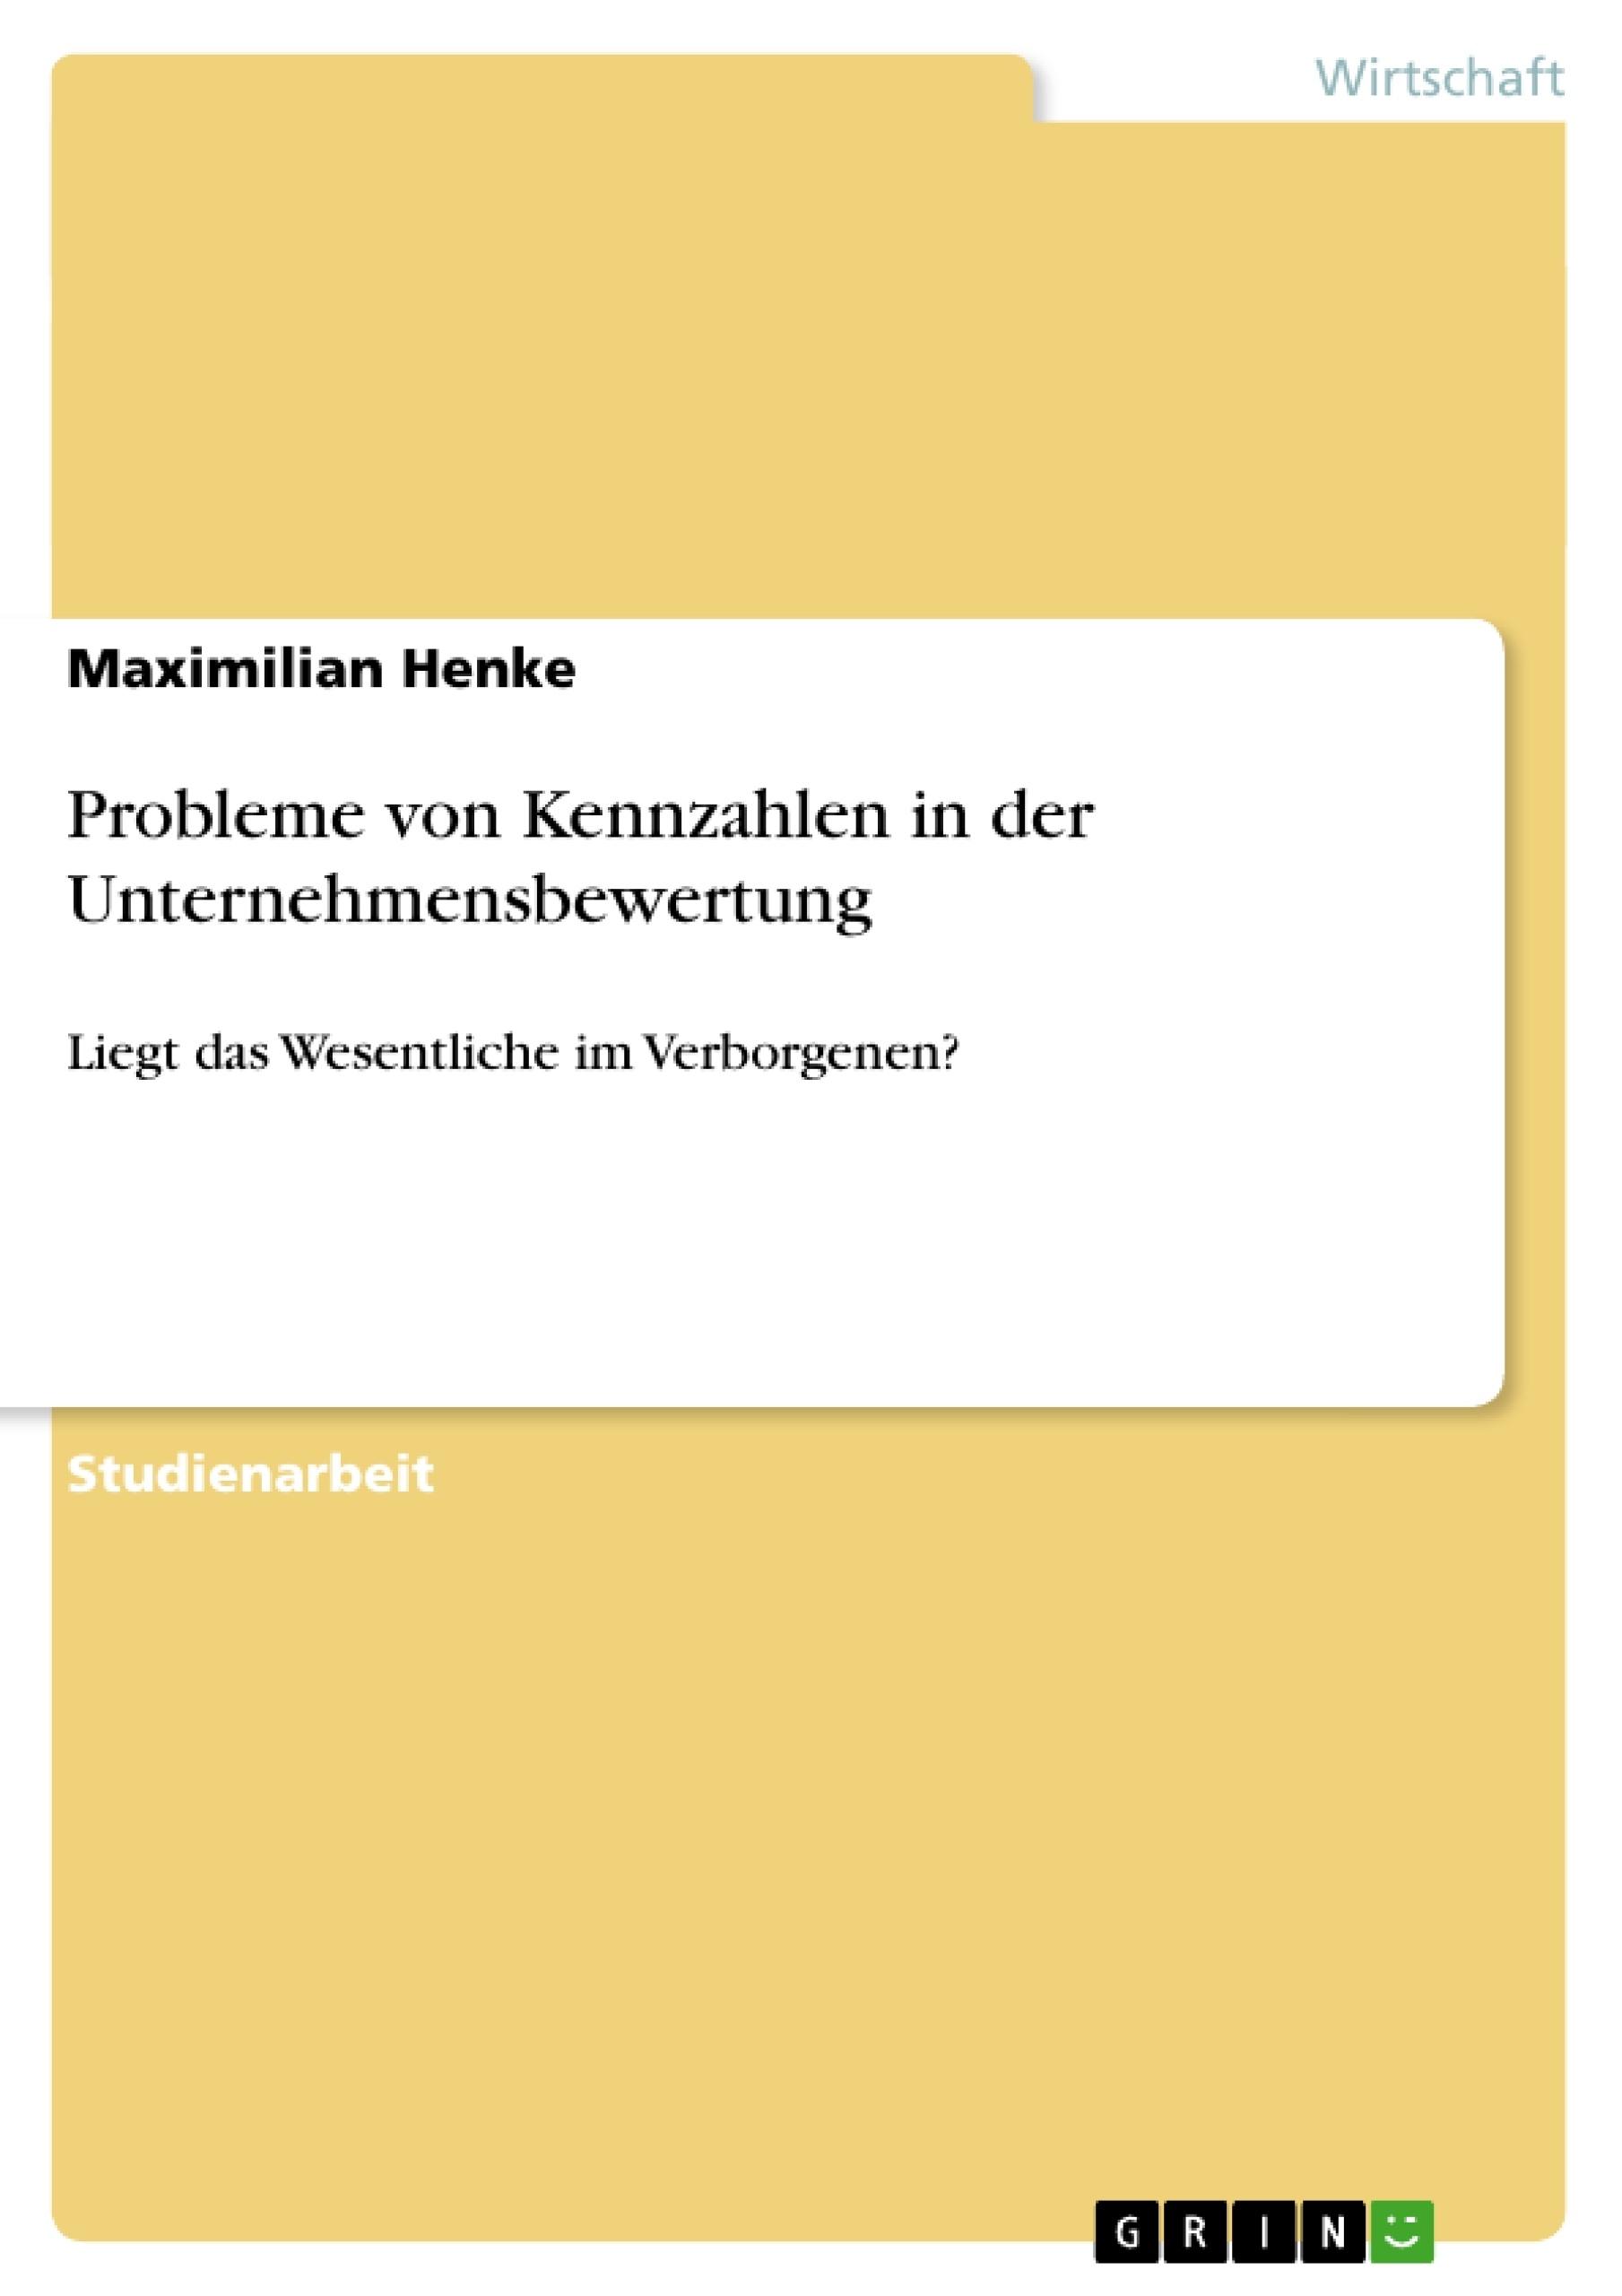 Titel: Probleme von Kennzahlen in der Unternehmensbewertung